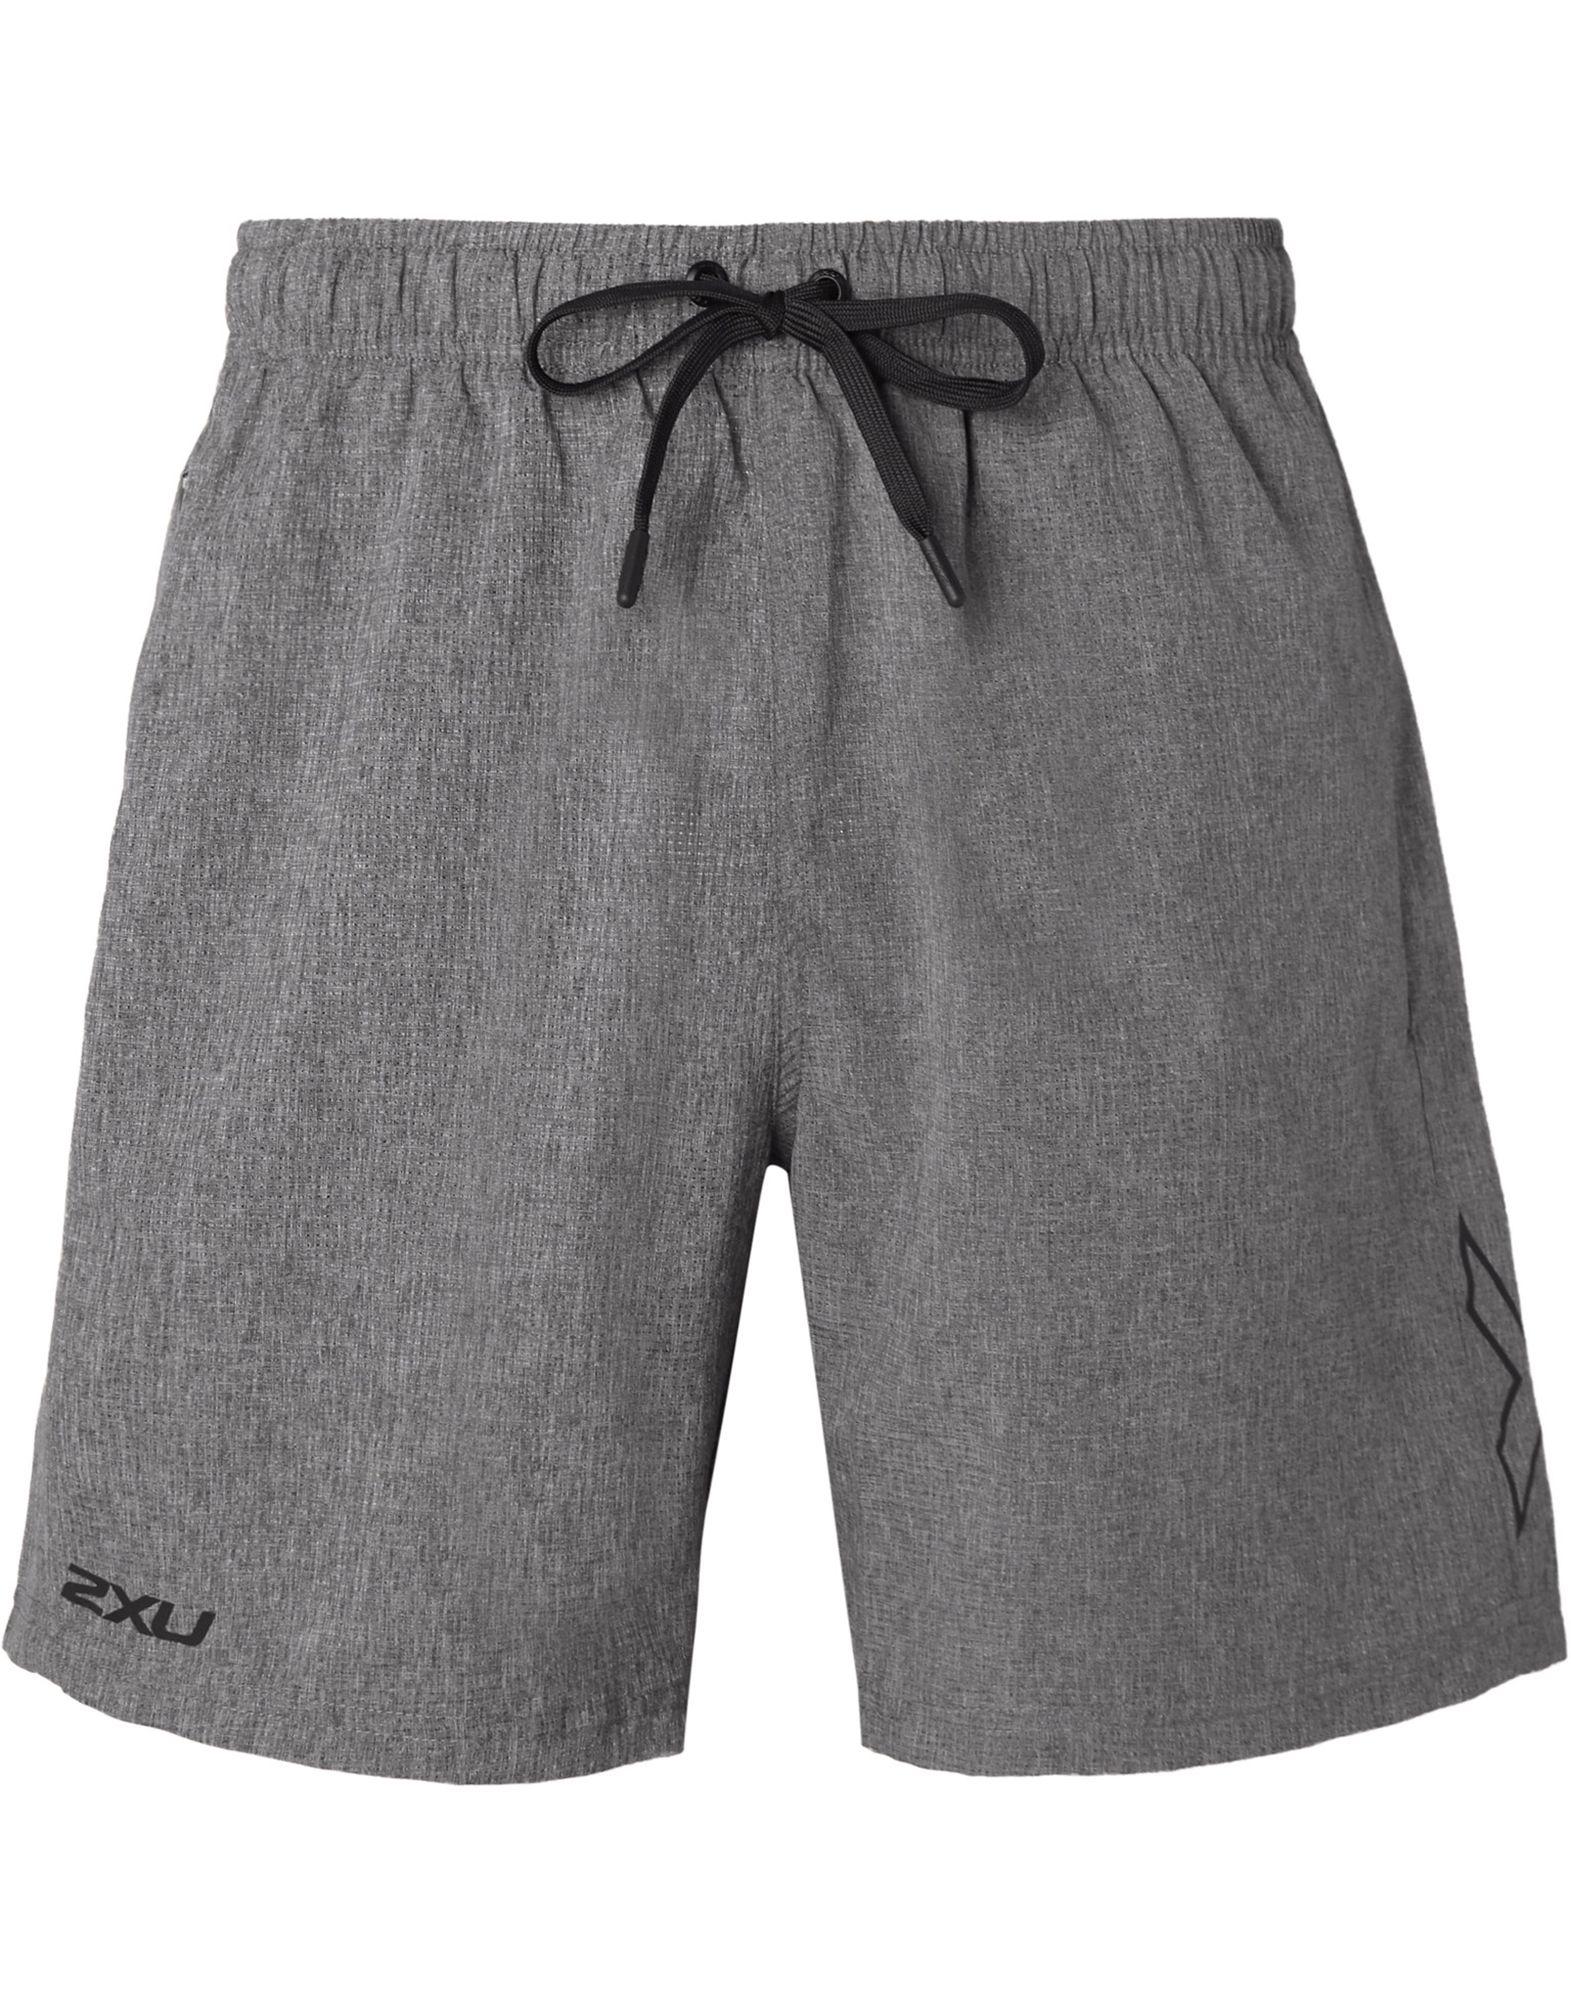 《セール開催中》2XU メンズ ショートパンツ グレー S ポリエステル 100%